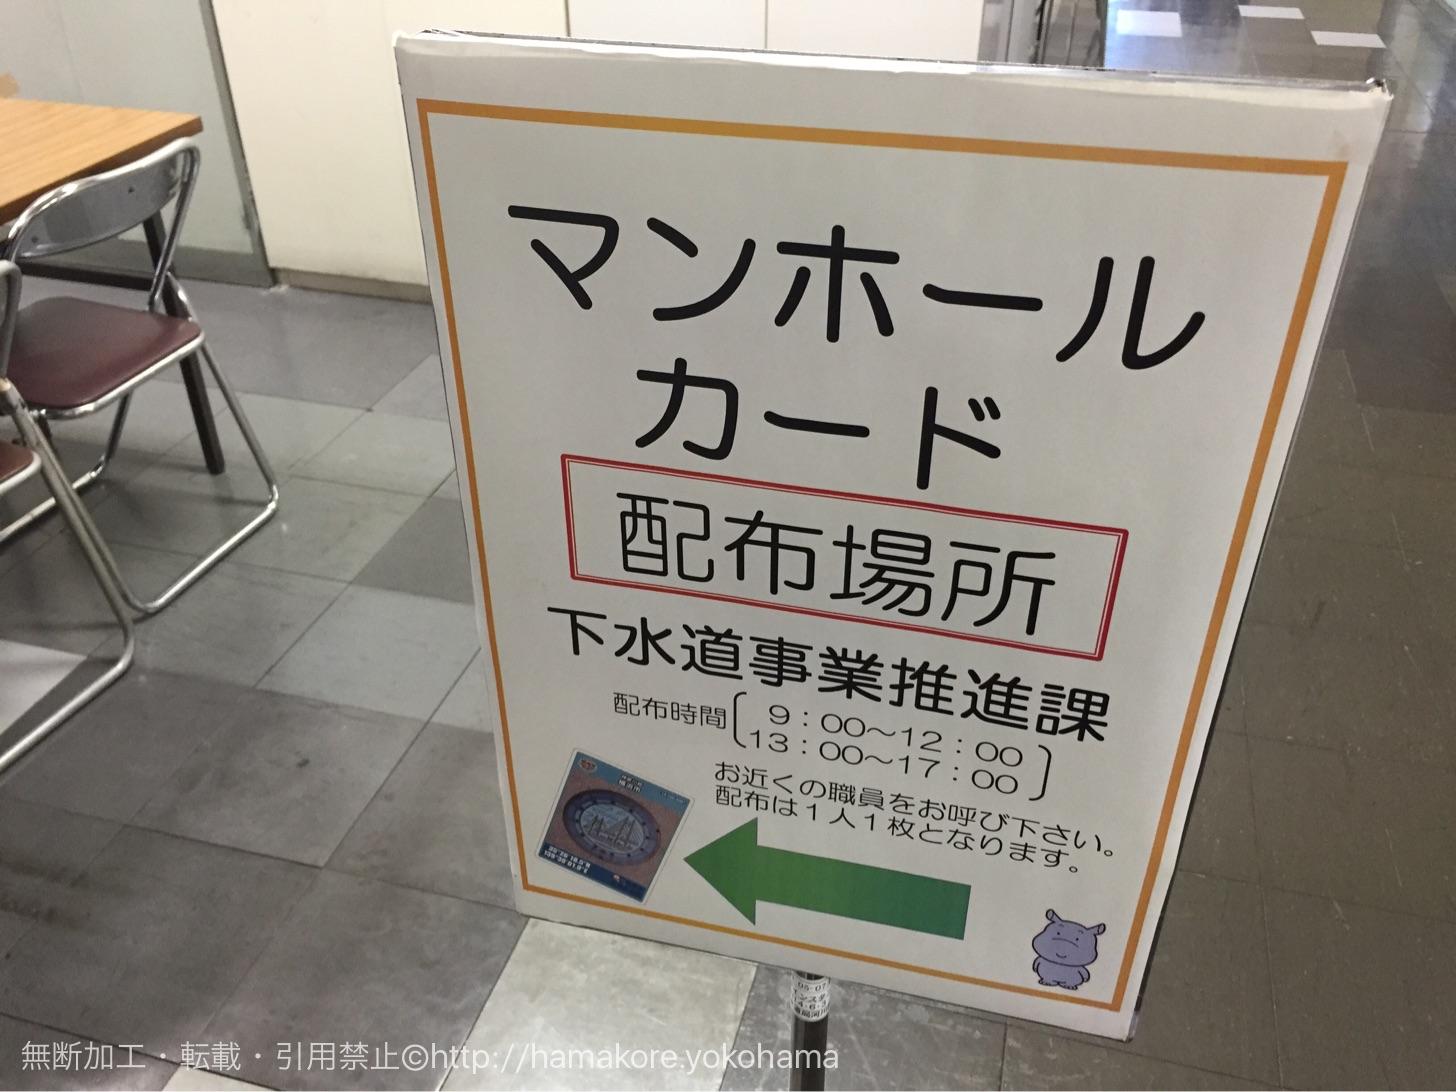 横浜市役所 マンホールカード配布